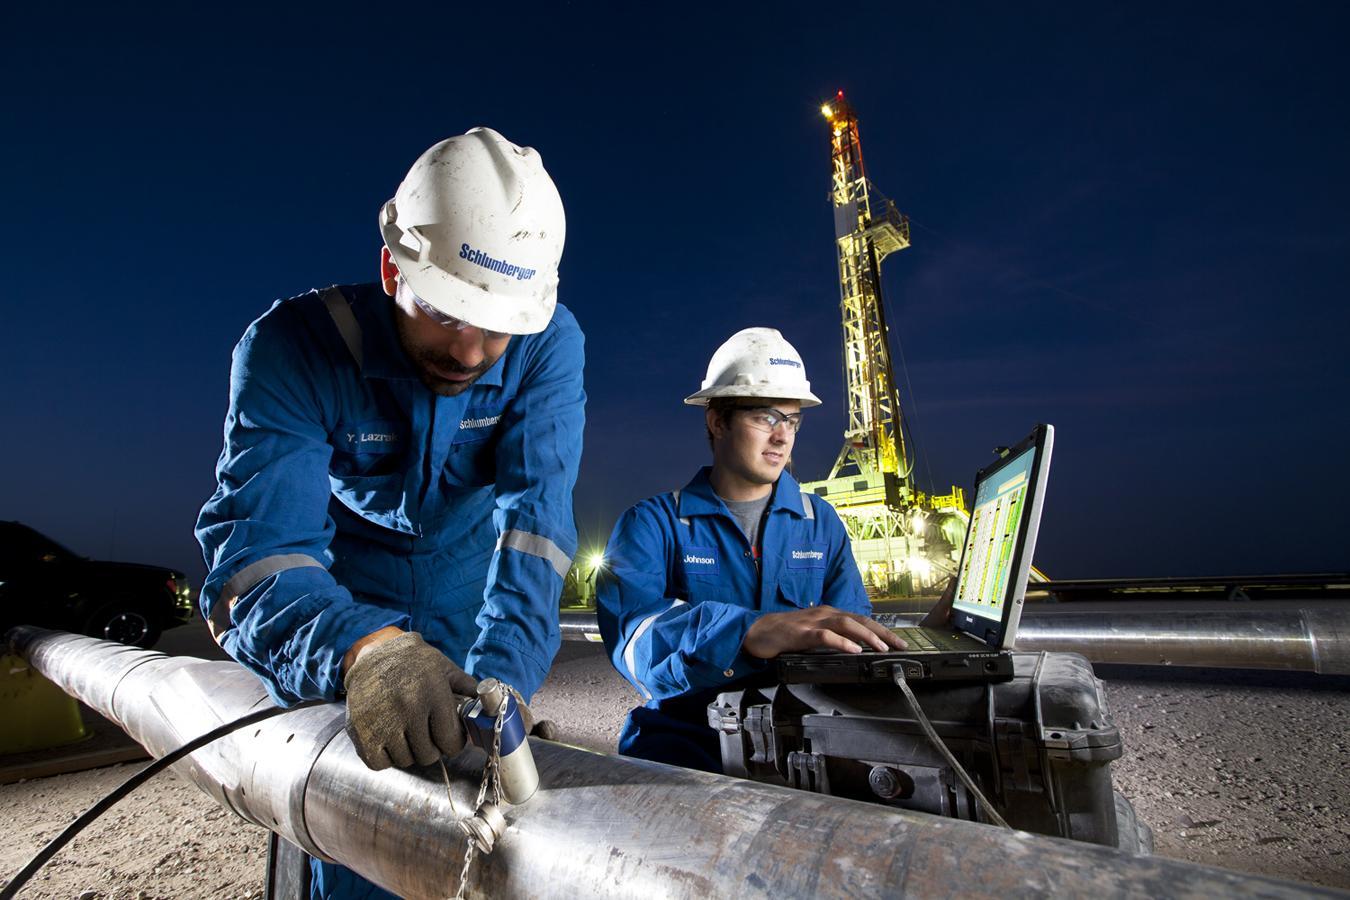 Chiến lược kinh doanh mới của Schlumberger có thể làm thay đổi ngành dịch vụ dầu khí vĩnh viễn